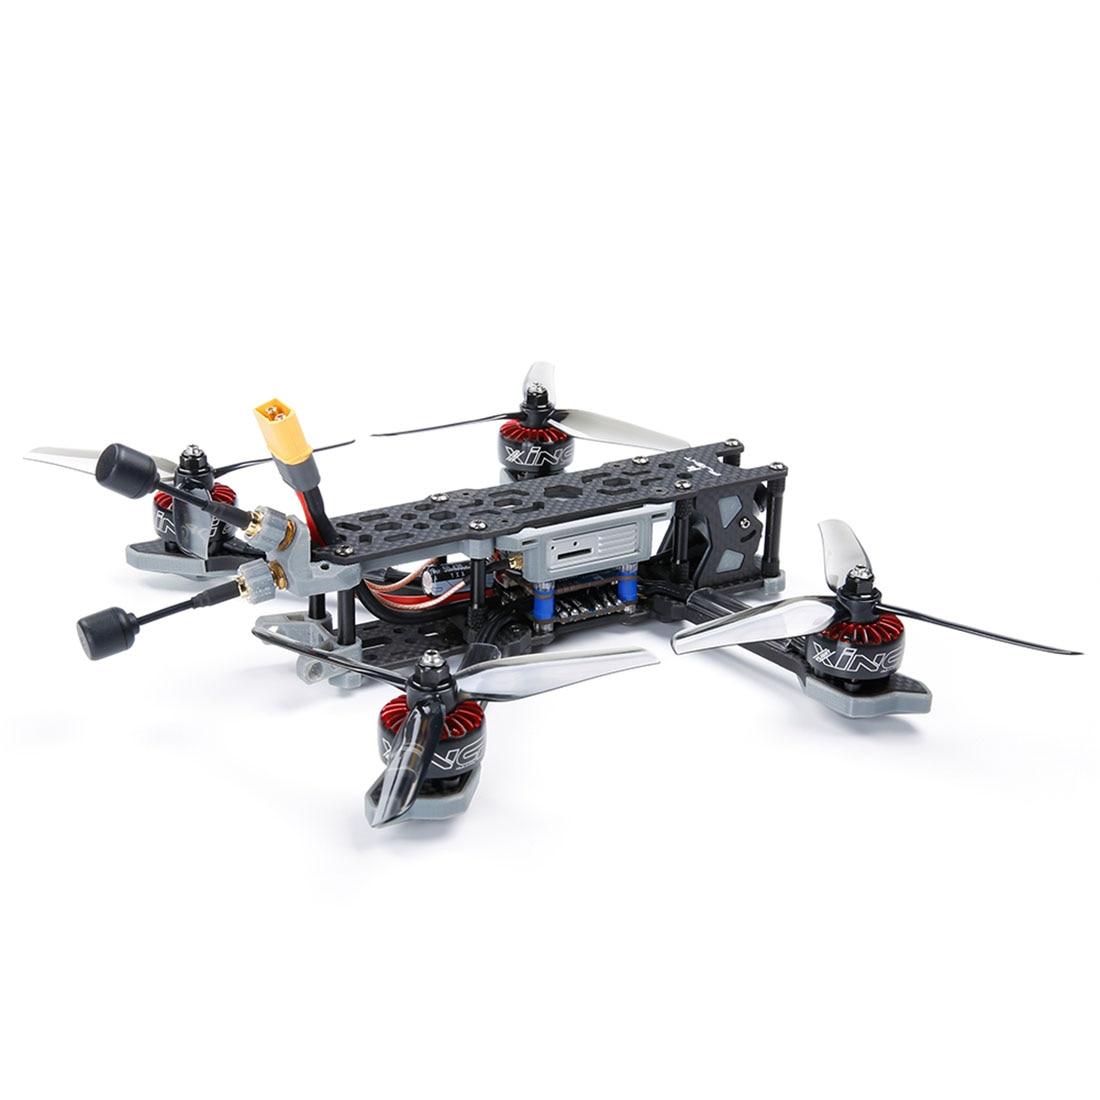 IFlight TITAN DC5 5 дюймов 222 мм 4S/6s HD FPV гоночный Дрон BNF SucceX D F7 50A стек XING E 2207/2450 кв мотор от вертолета игрушка - 4